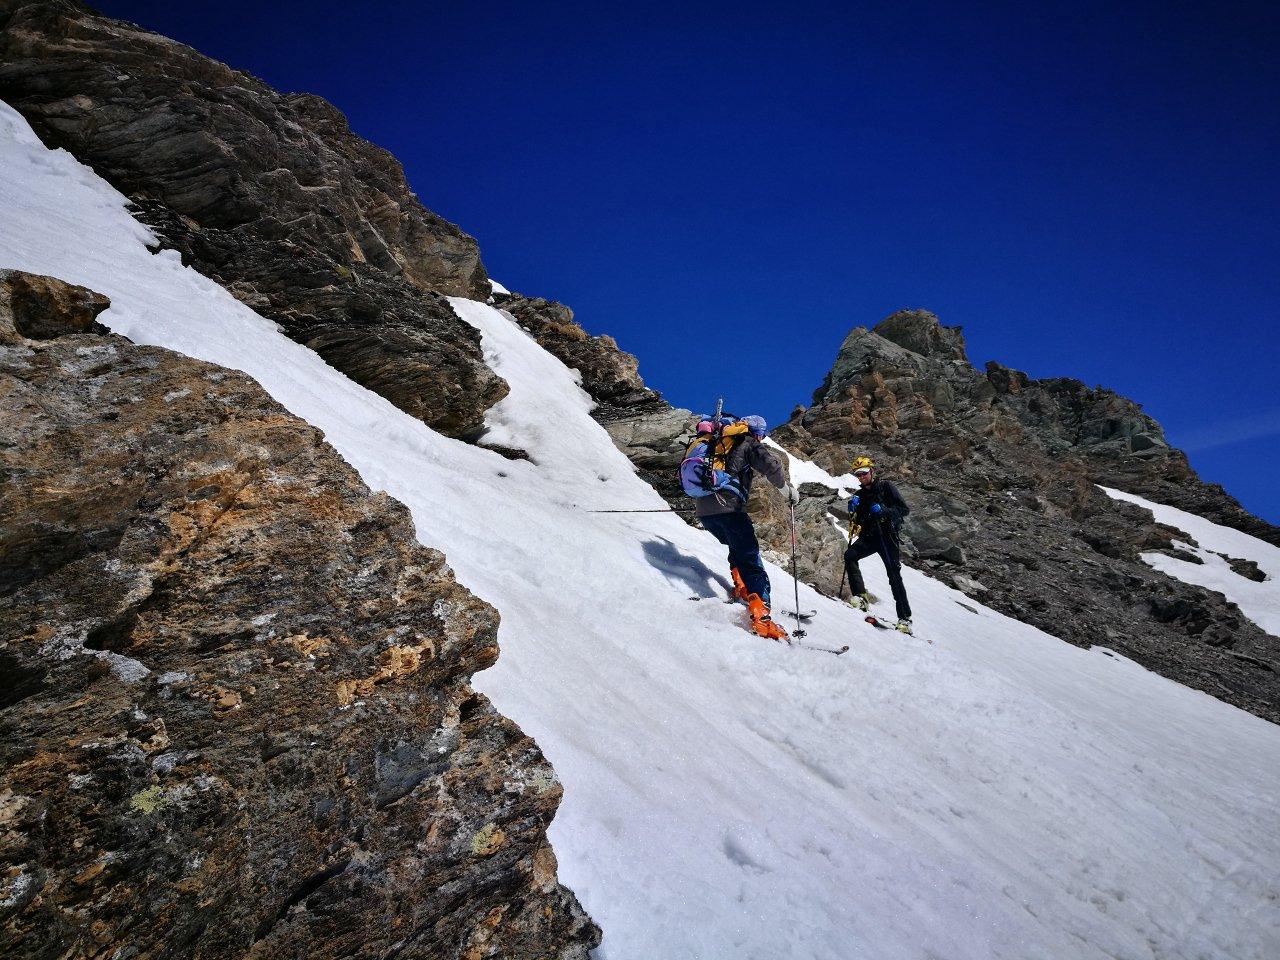 12 - ingresso su neve nella discesa dal Col des Fours, versante S